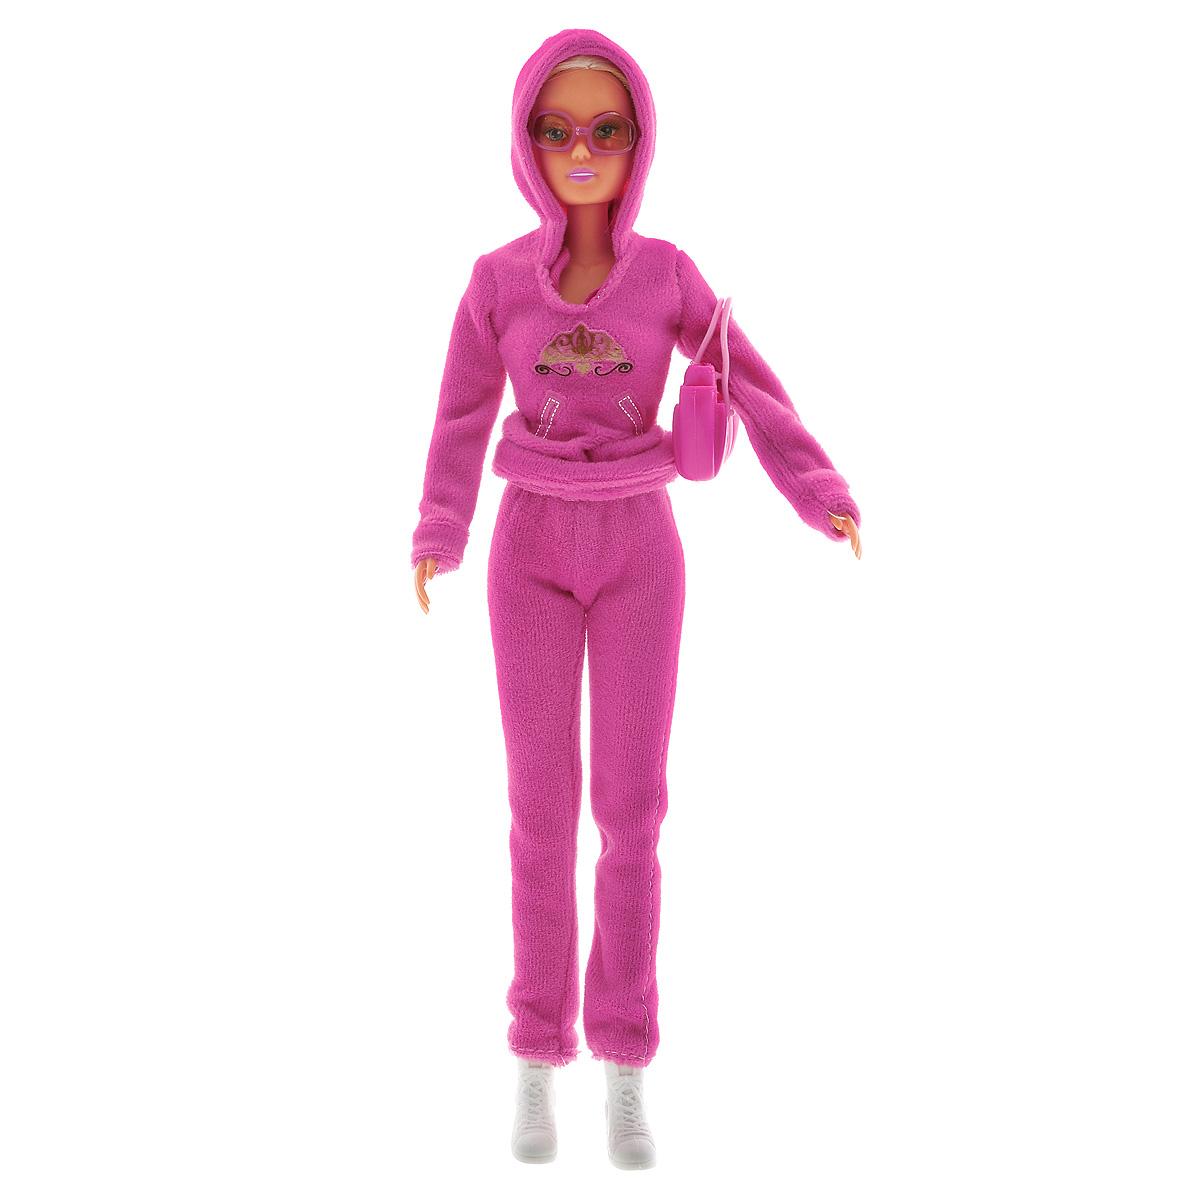 Simba Кукла Штеффи в Беверли-Хиллз5730450_цвет костюма розовыйКукла Simba Steffi Love. Beverly Hills надолго займет внимание вашей малышки и подарит ей множество счастливых мгновений. Кукла изготовлена из пластика, ее голова, ручки и ножки подвижны, что позволяет придавать ей разнообразные позы. В комплект входит чашка кофе для куклы. Куколка одета в удобный розовый спортивный костюм. Стильный образ дополняют солнцезащитные очки и небольшая сумка. Чудесные длинные волосы куклы так весело расчесывать и создавать из них всевозможные прически, косички и хвостики. Благодаря играм с куклой, ваша малышка сможет развить фантазию и любознательность, овладеть навыками общения и научиться ответственности, а дополнительные аксессуары сделают игру еще увлекательнее. Порадуйте свою принцессу таким прекрасным подарком!